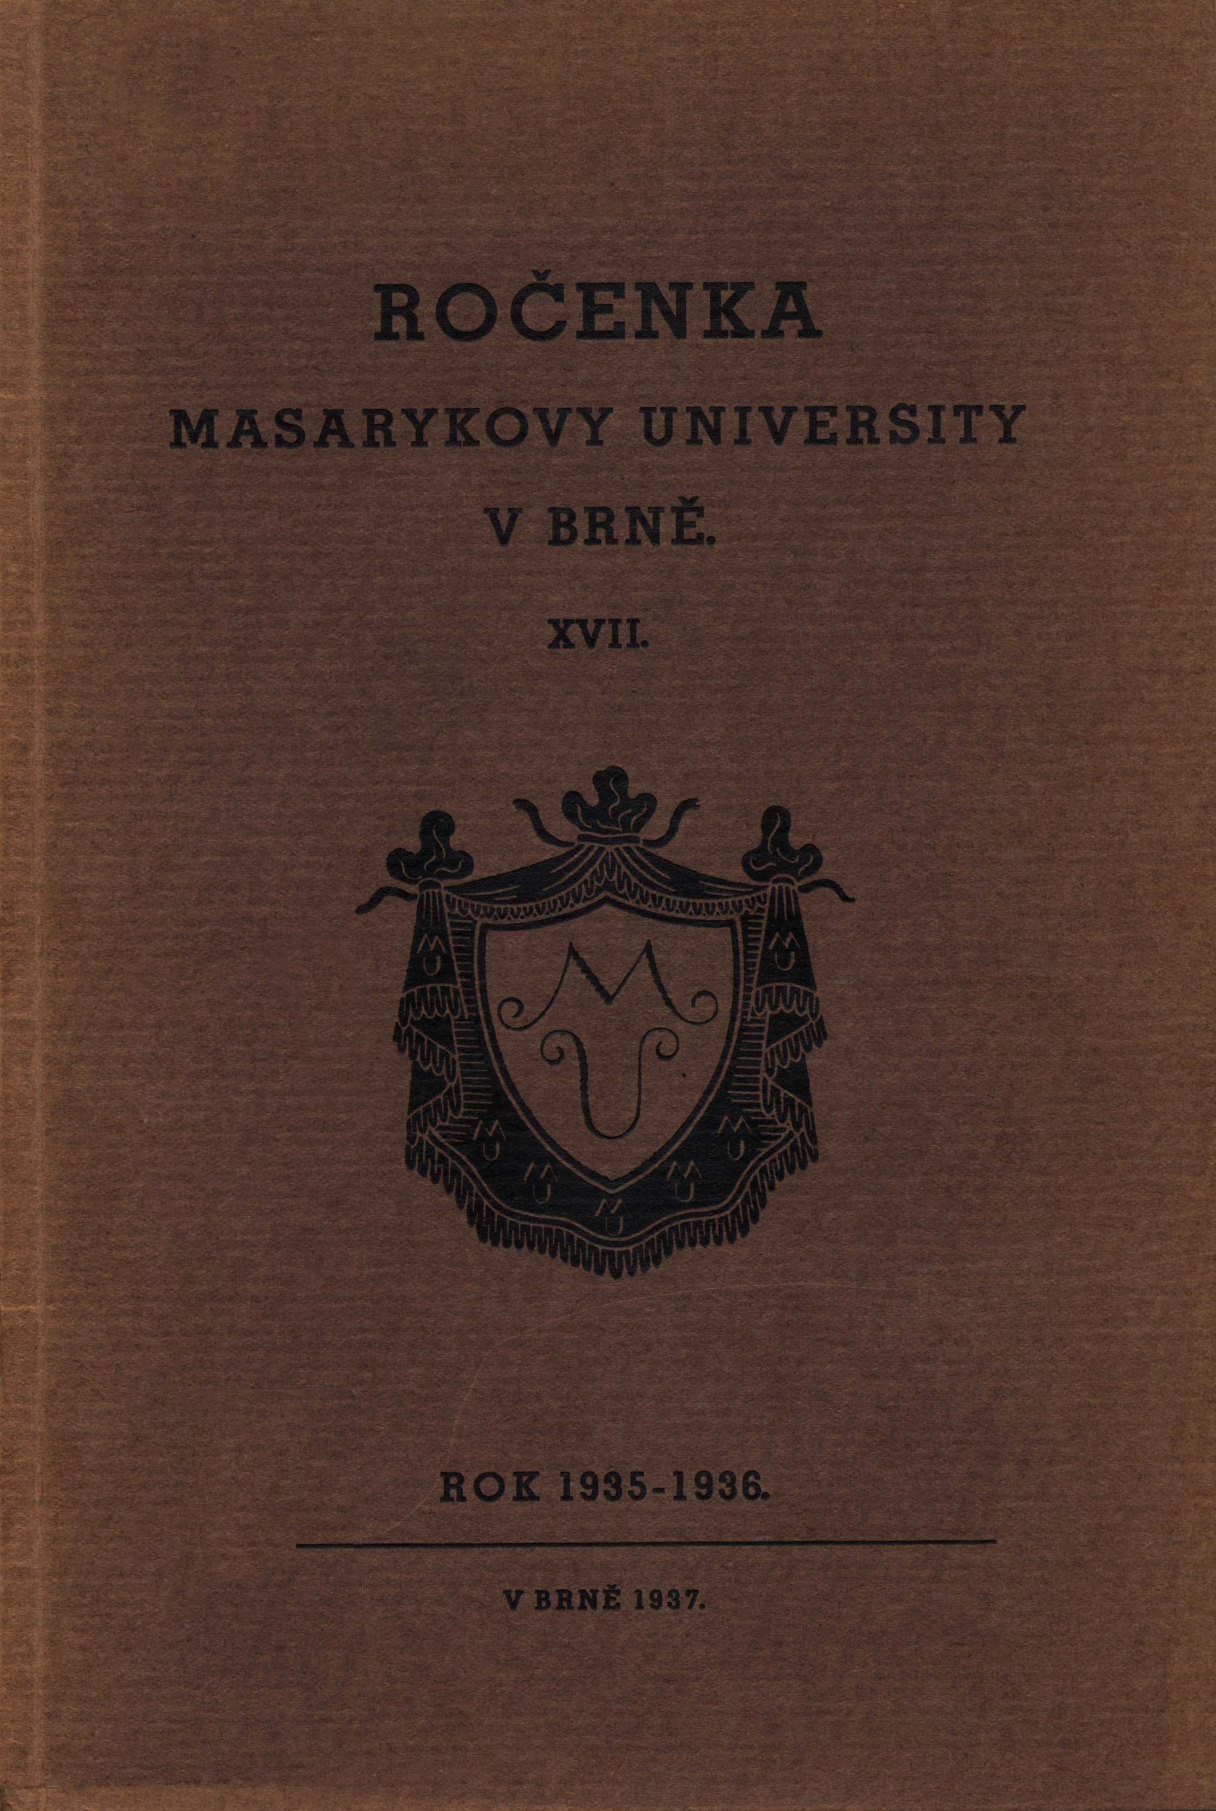 Obálka pro Ročenka Masarykovy university v Brně. XVII, Rok 1935-1936